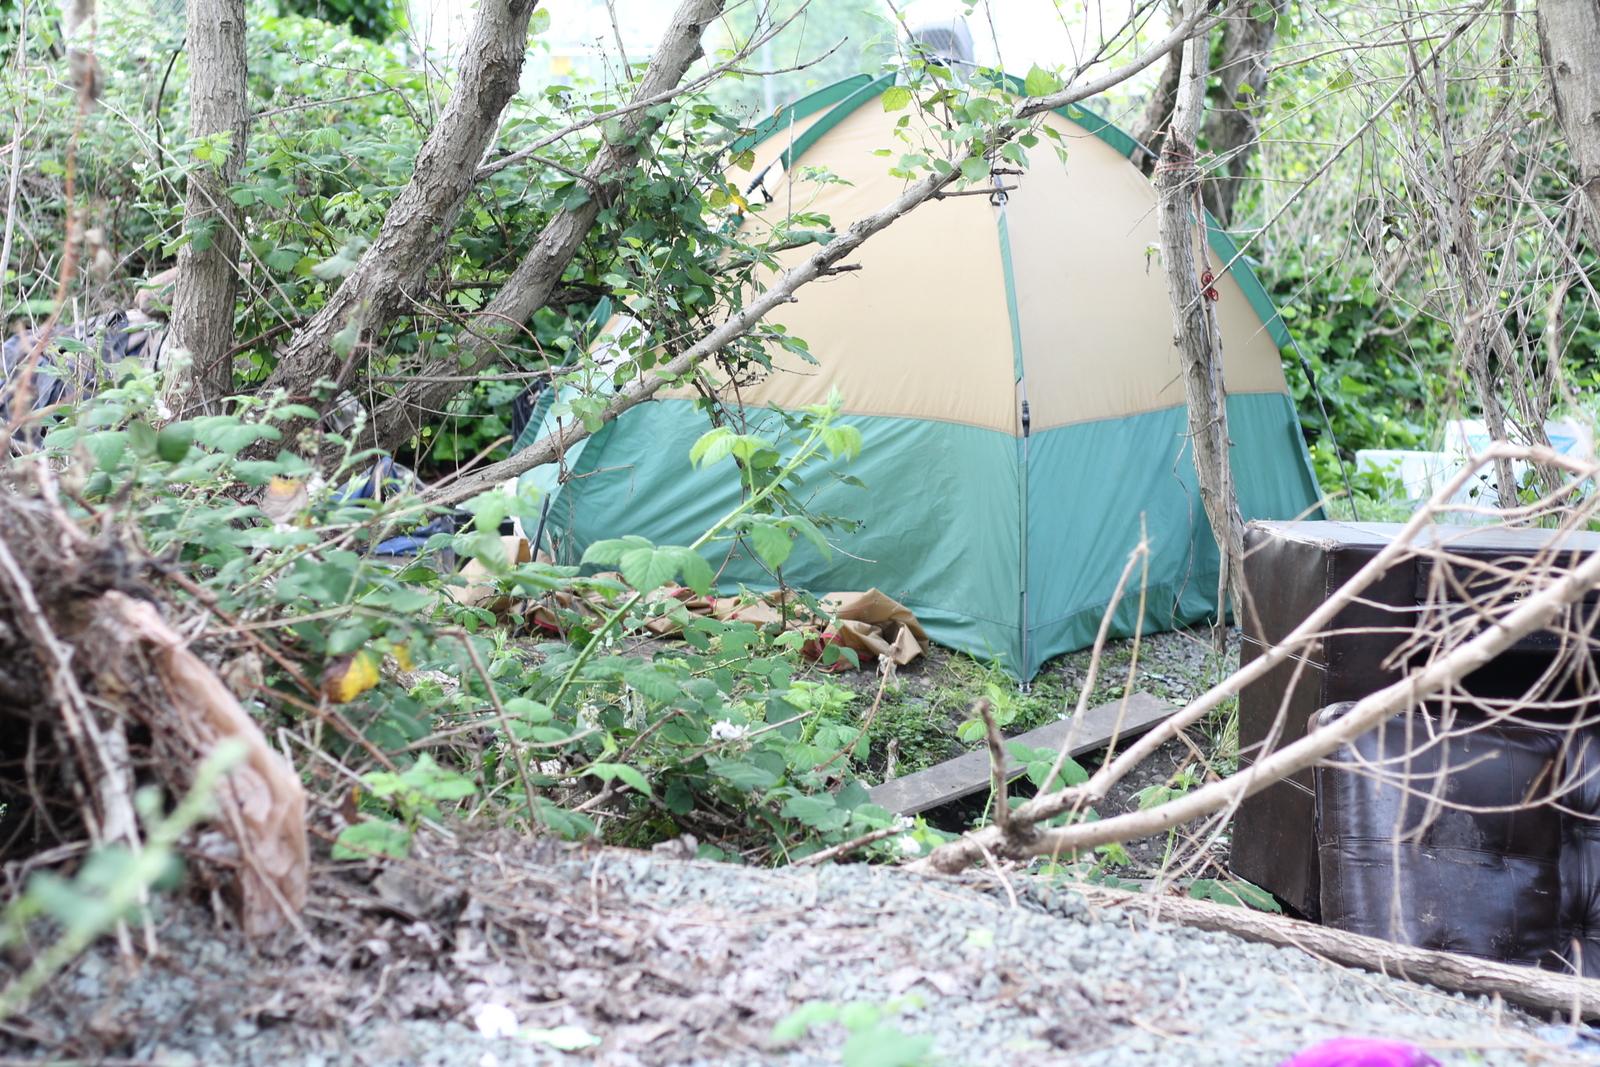 Homeless Task Force Addresses Sanctioned Encampments